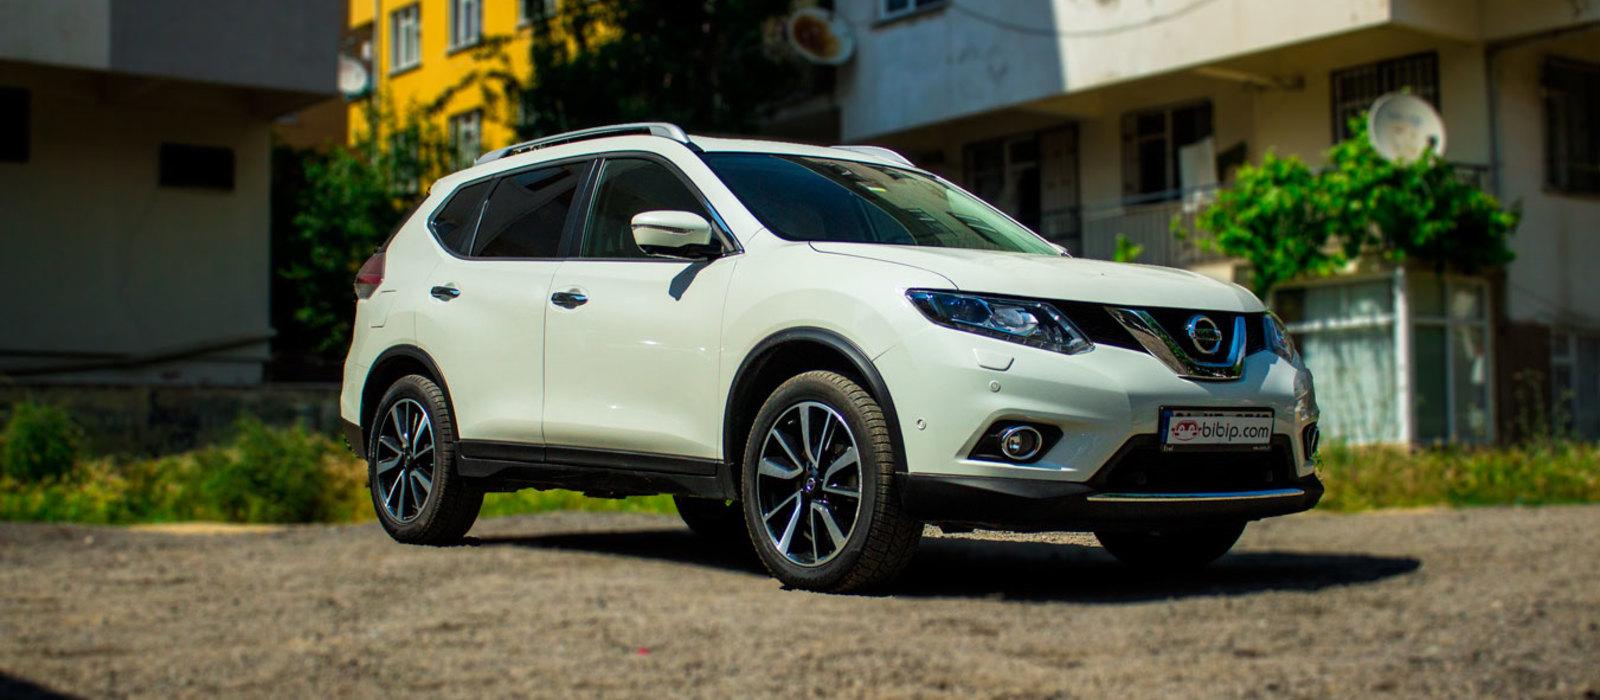 ikinci el araba 2015 Nissan X-Trail 1.6 dCi Platinum Premium Dizel Otomatik 46000 KM 2